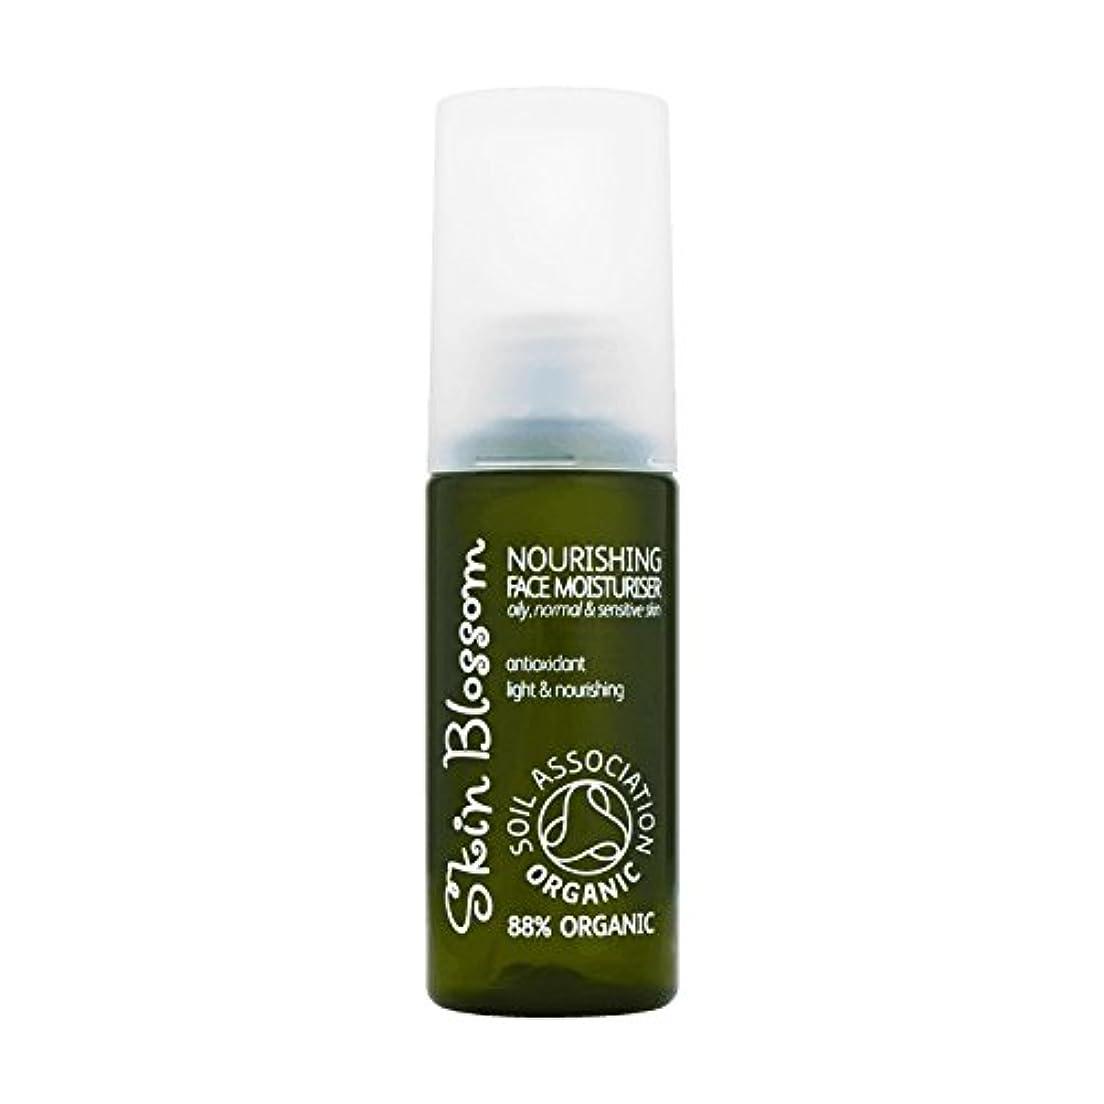 ふさわしい素晴らしい良い多くの最近Skin Blossom Nourishing Face Moisturiser 50ml (Pack of 2) - 皮膚の花栄養顔の保湿クリーム50Ml (x2) [並行輸入品]